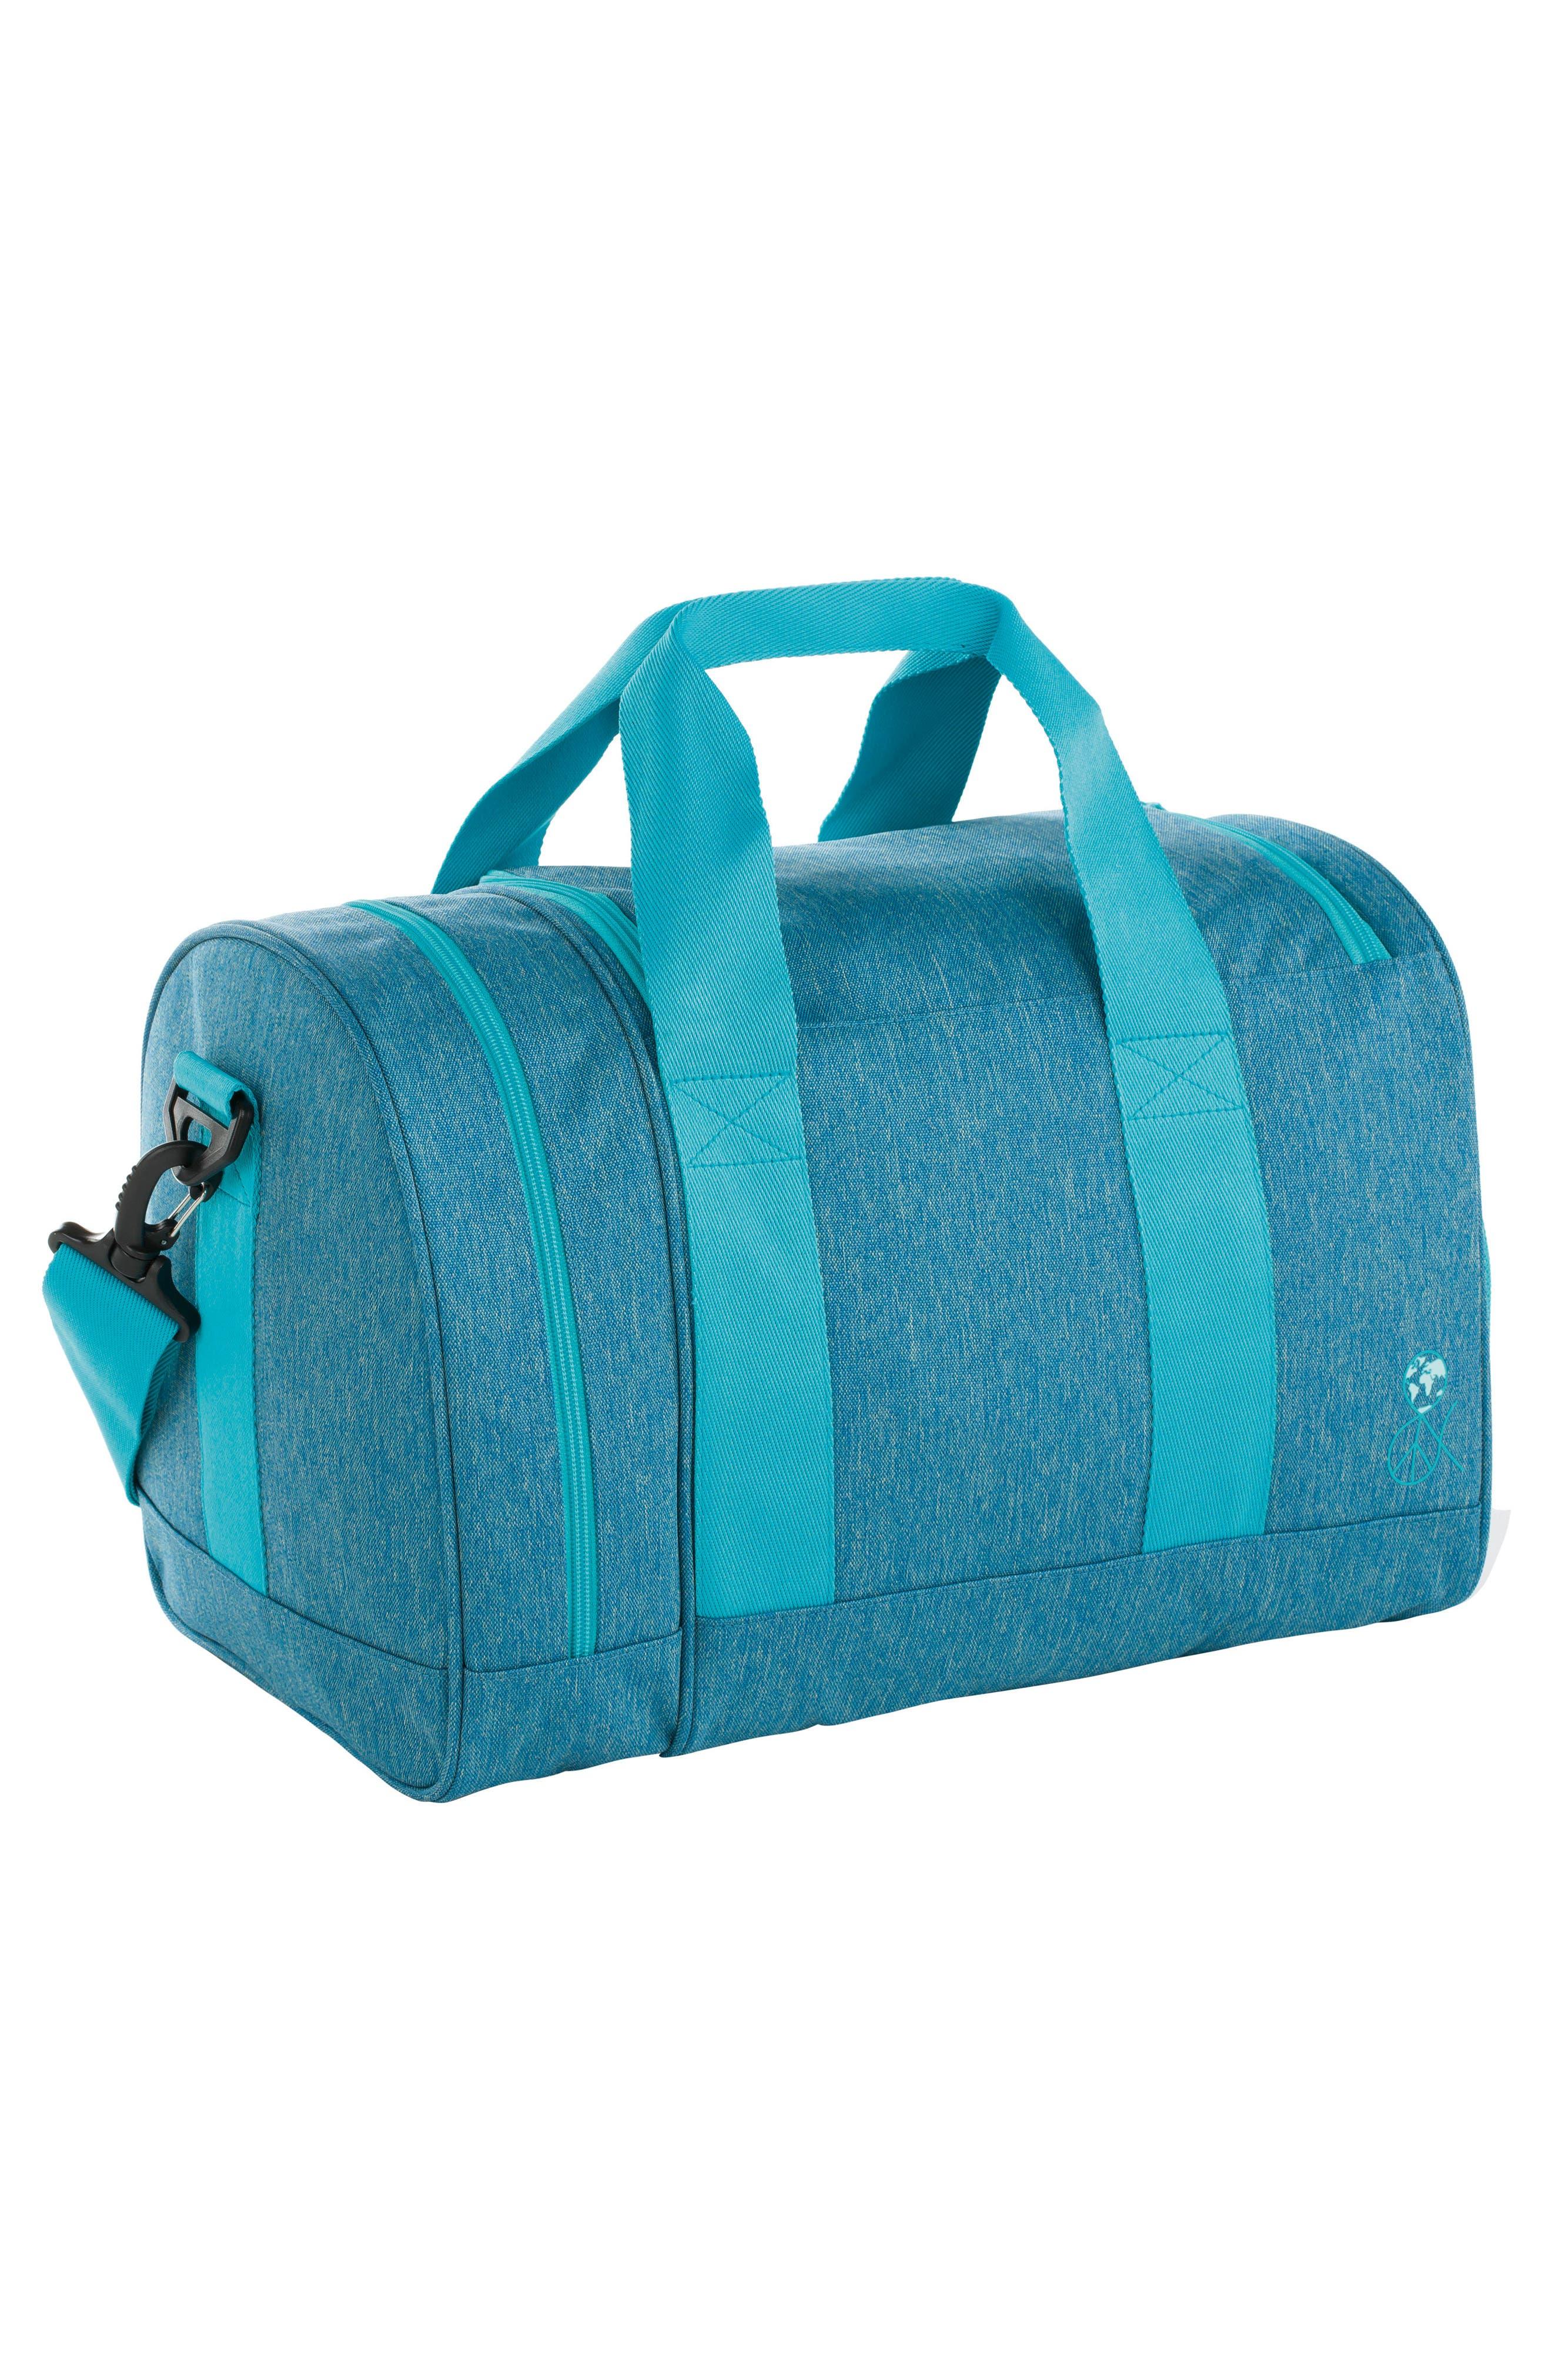 Mini About Friends Duffel Bag,                             Alternate thumbnail 2, color,                             MELANGE BLUE